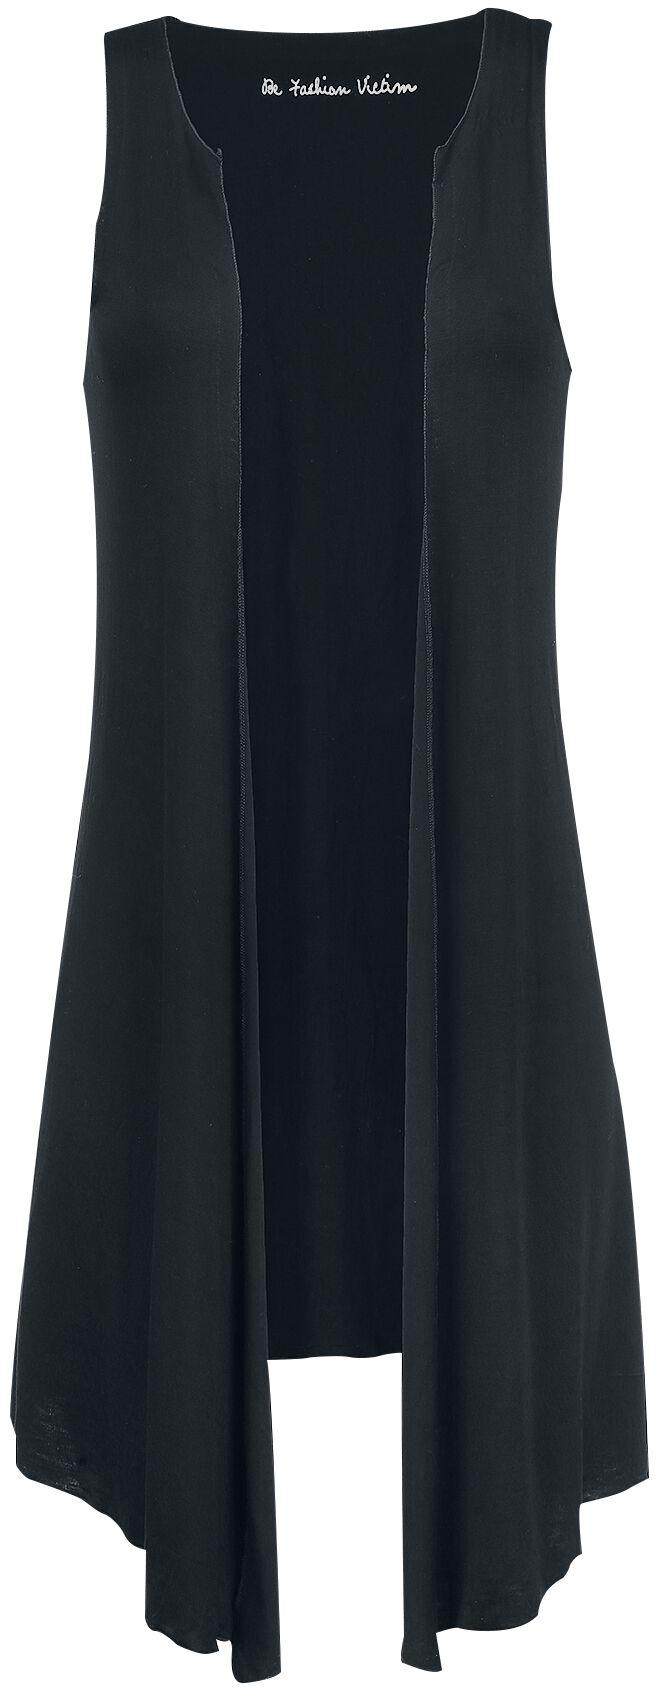 Image of   Forplay Long Vest Girlie vest sort